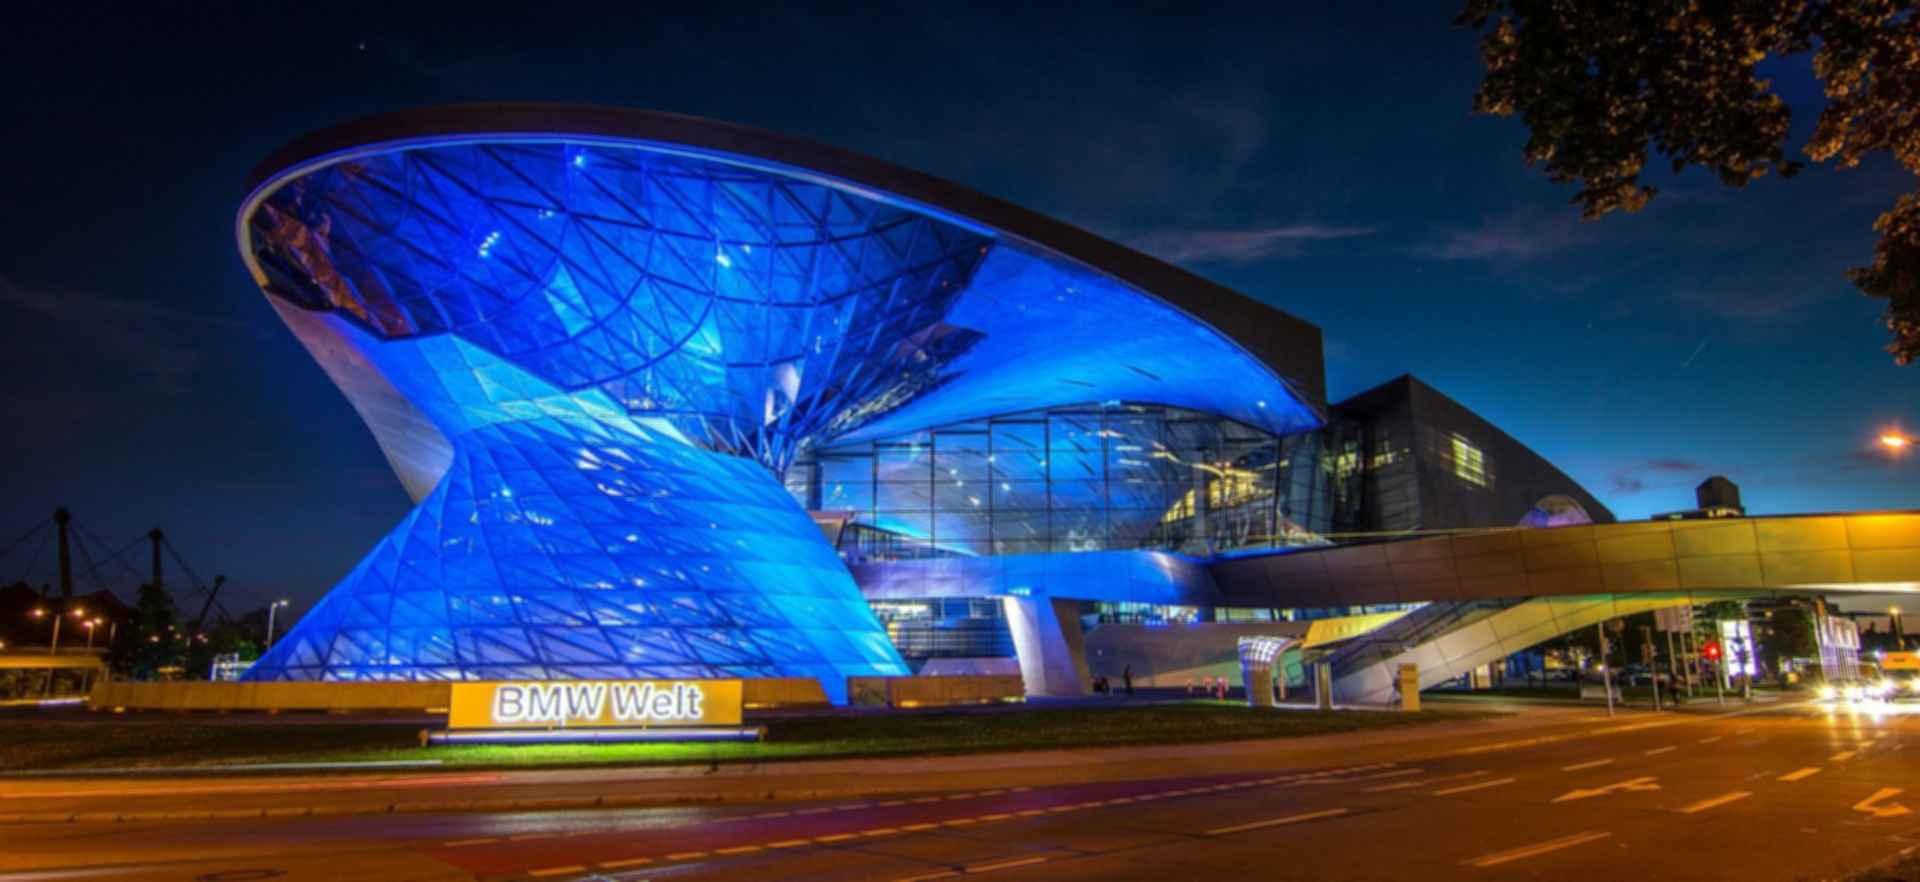 BMW Welt - Exterior